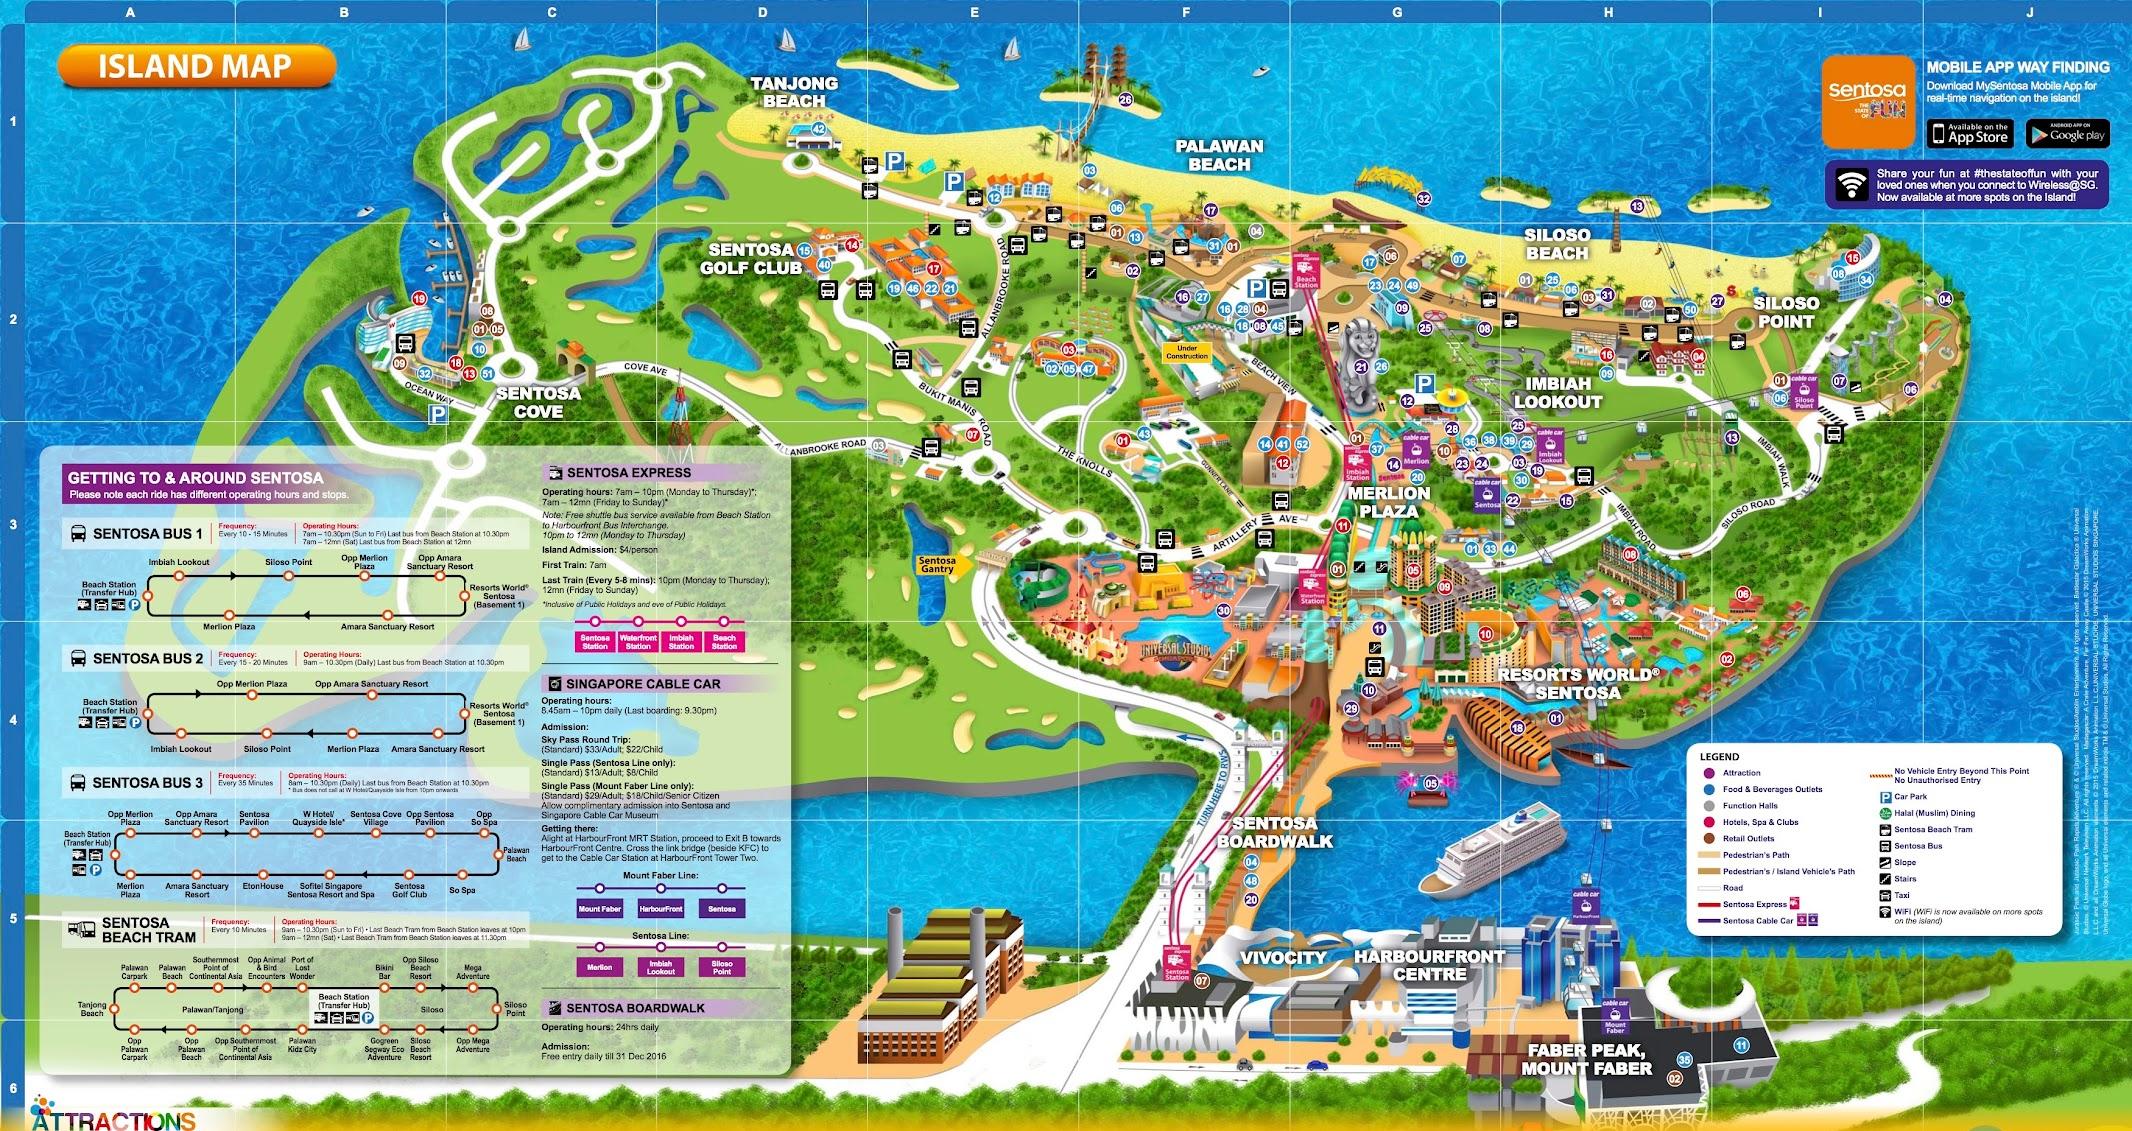 セントーサ島 地図 マップ